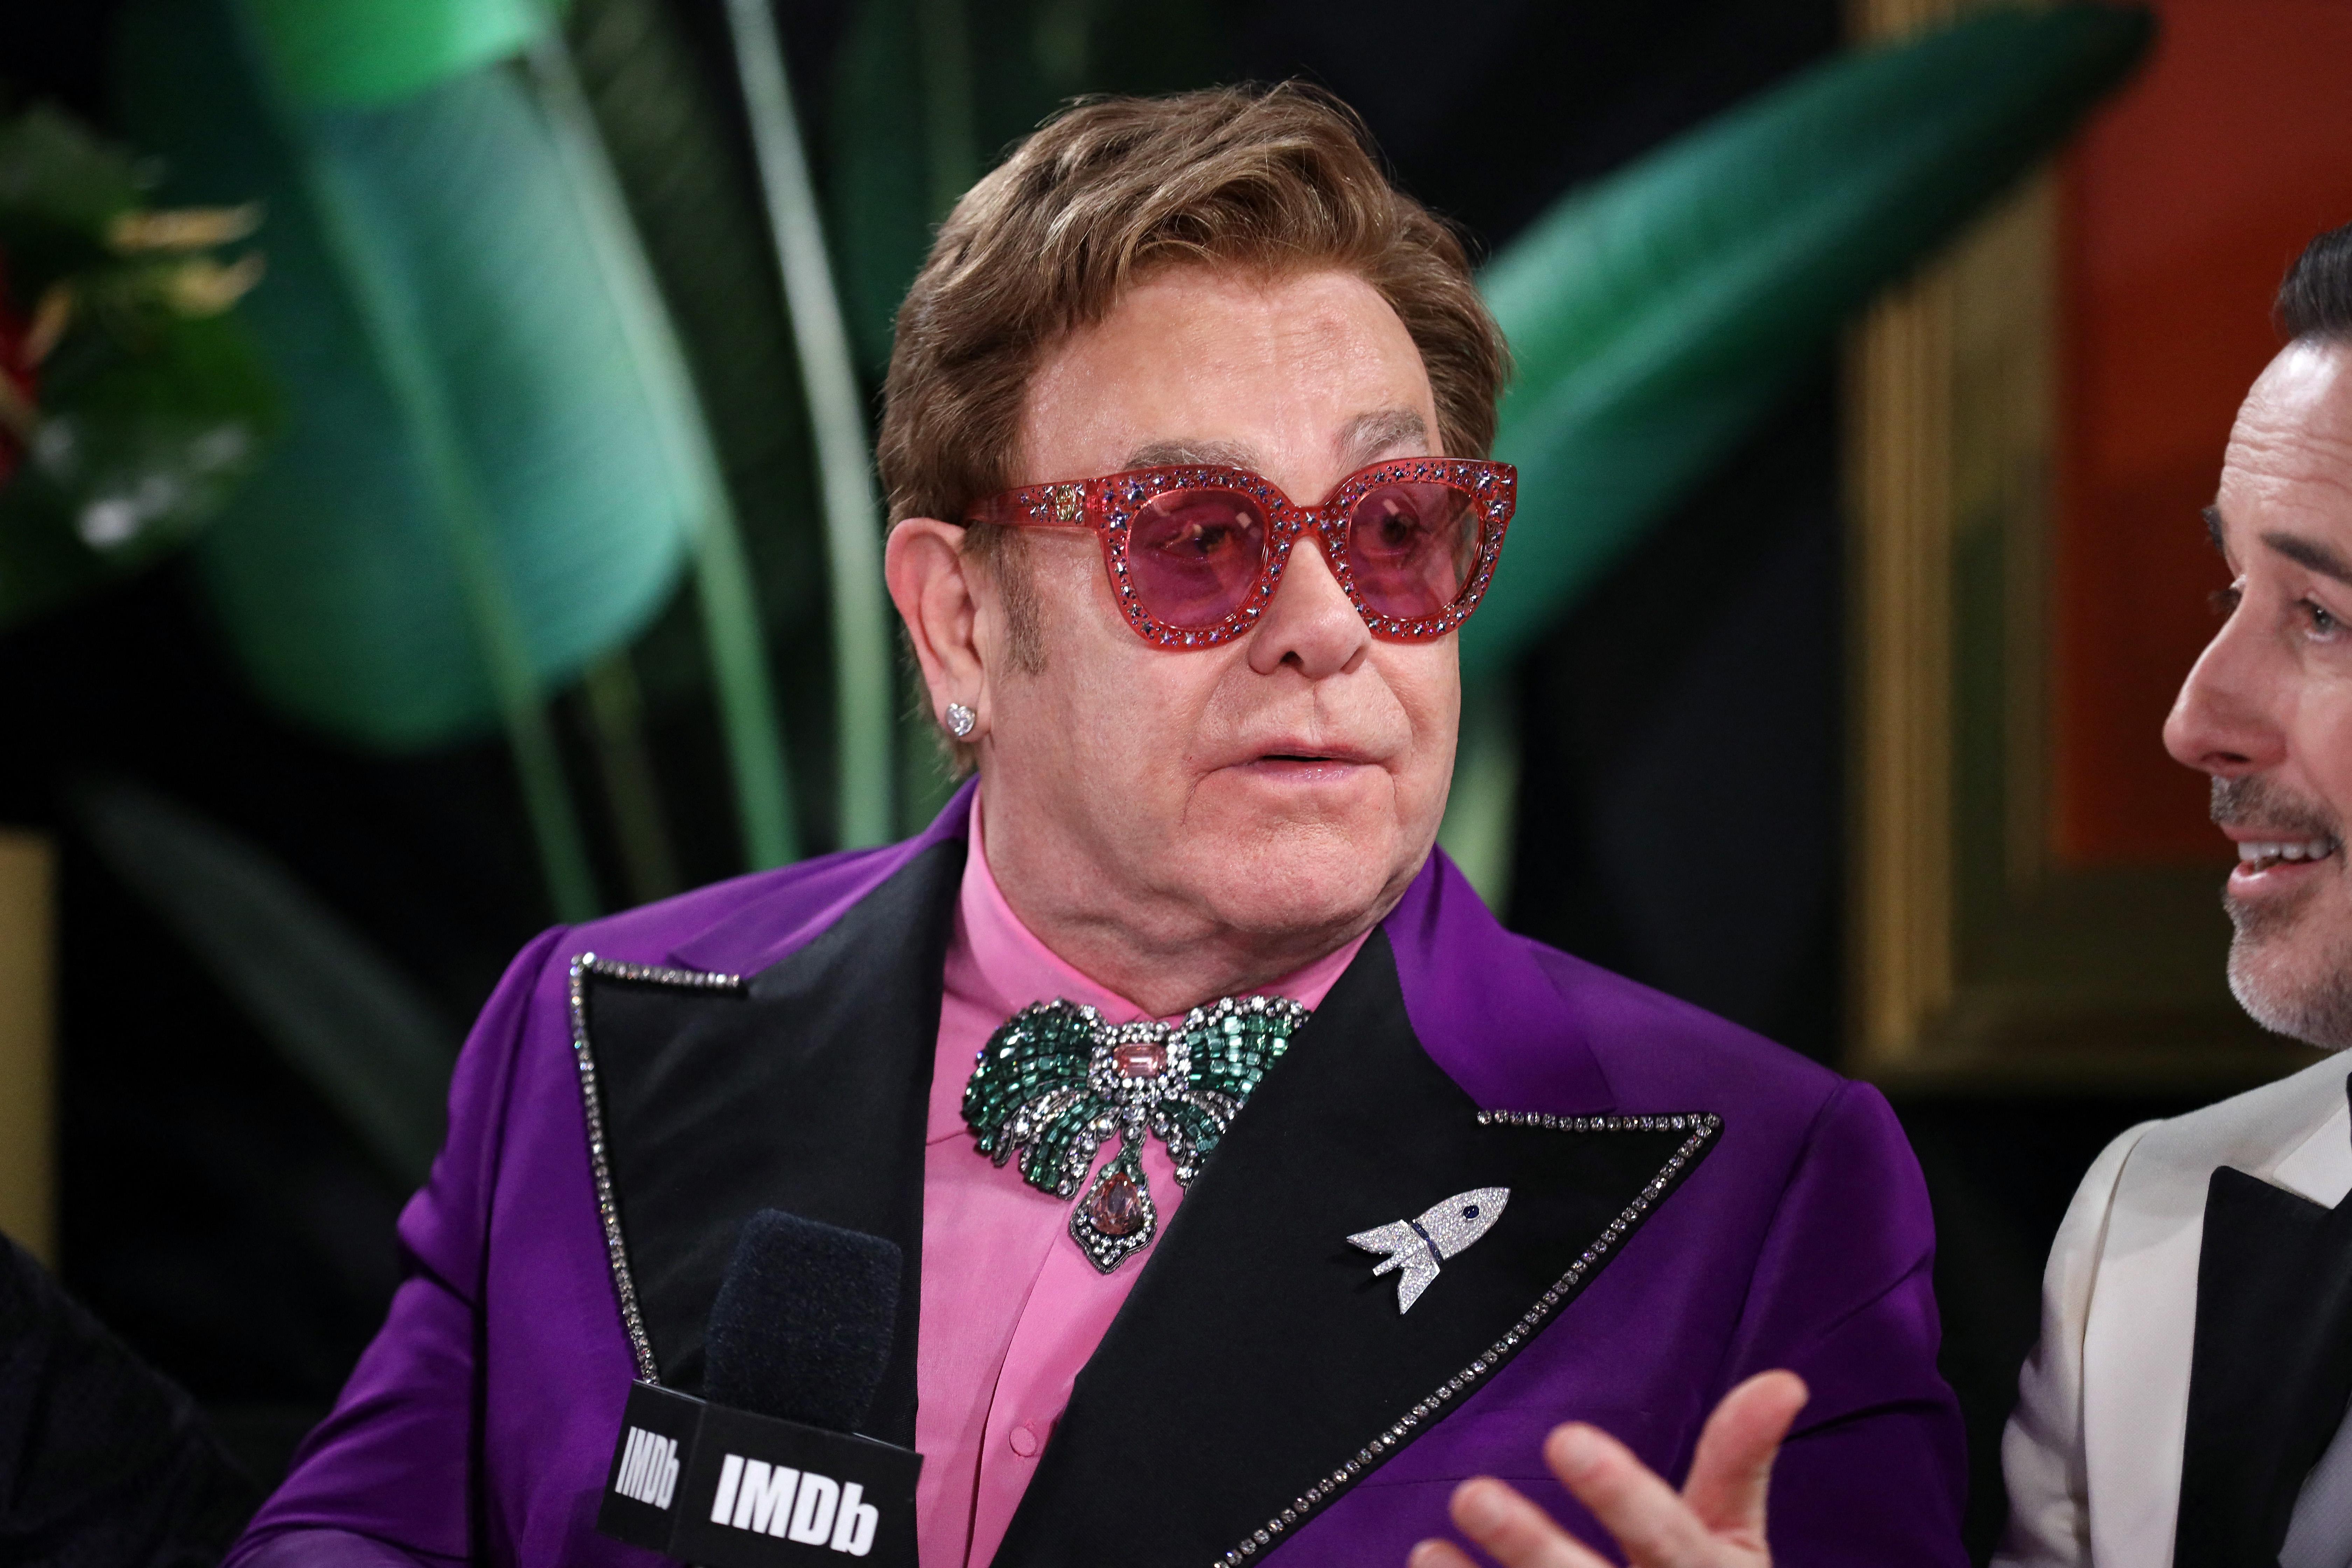 Elton John képmutatónak nevezte a Vatikánt